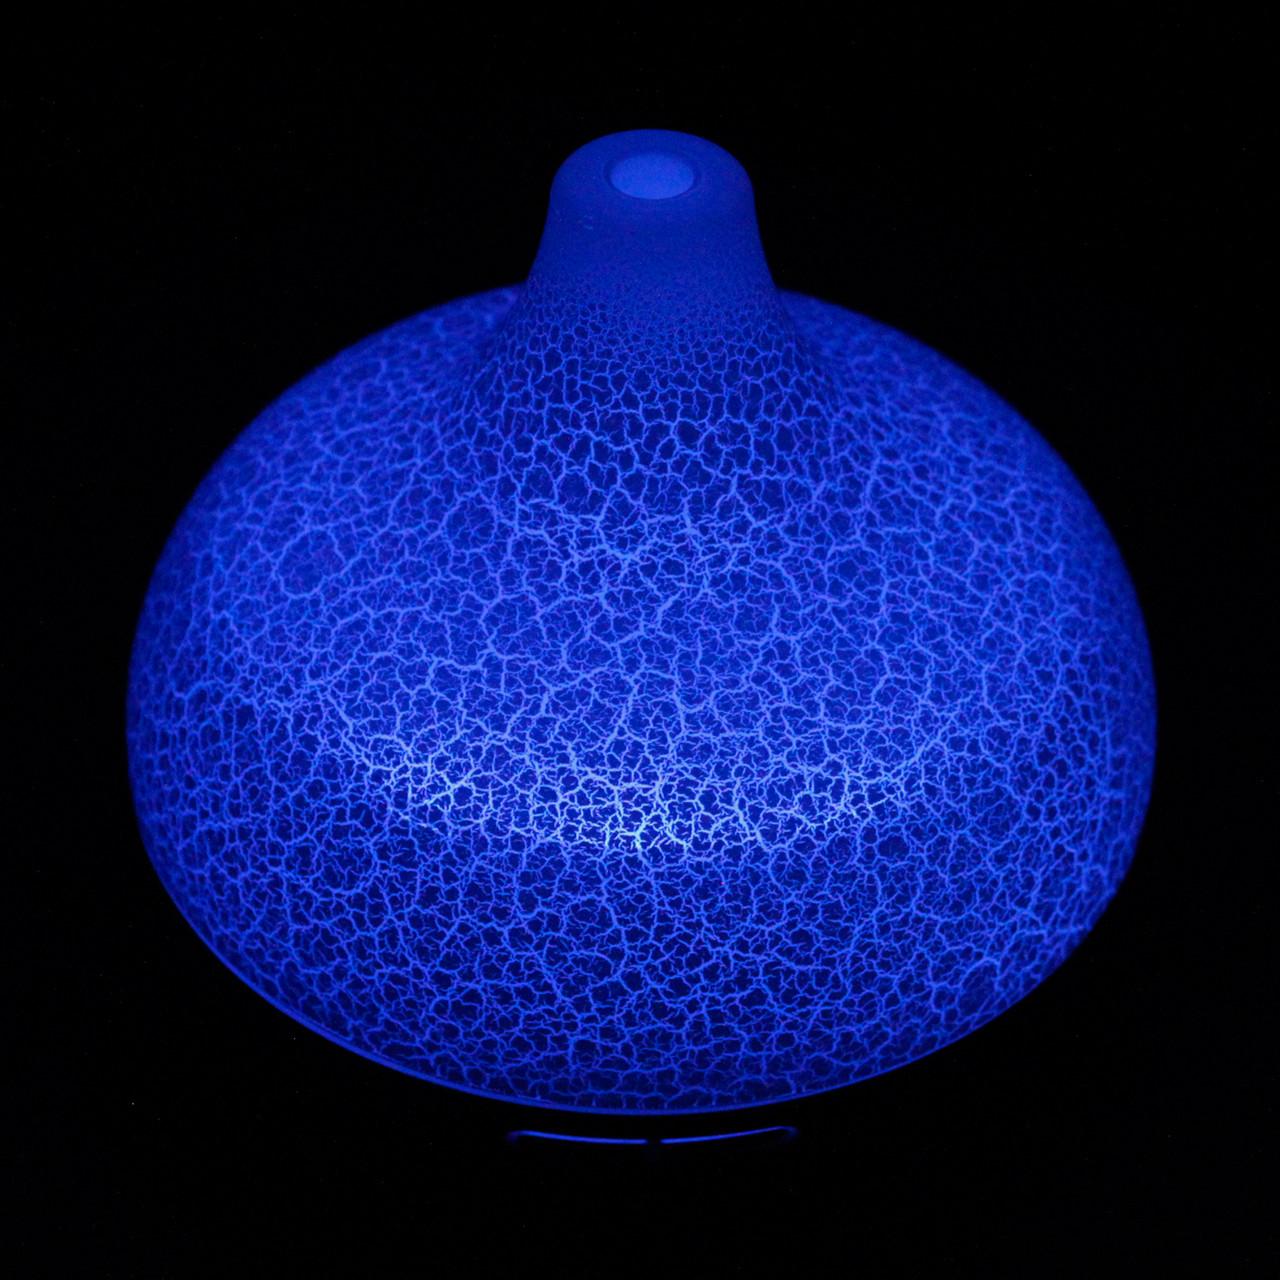 Santorini Atomiser - Shell Effect - USB - Colour Change - Timer